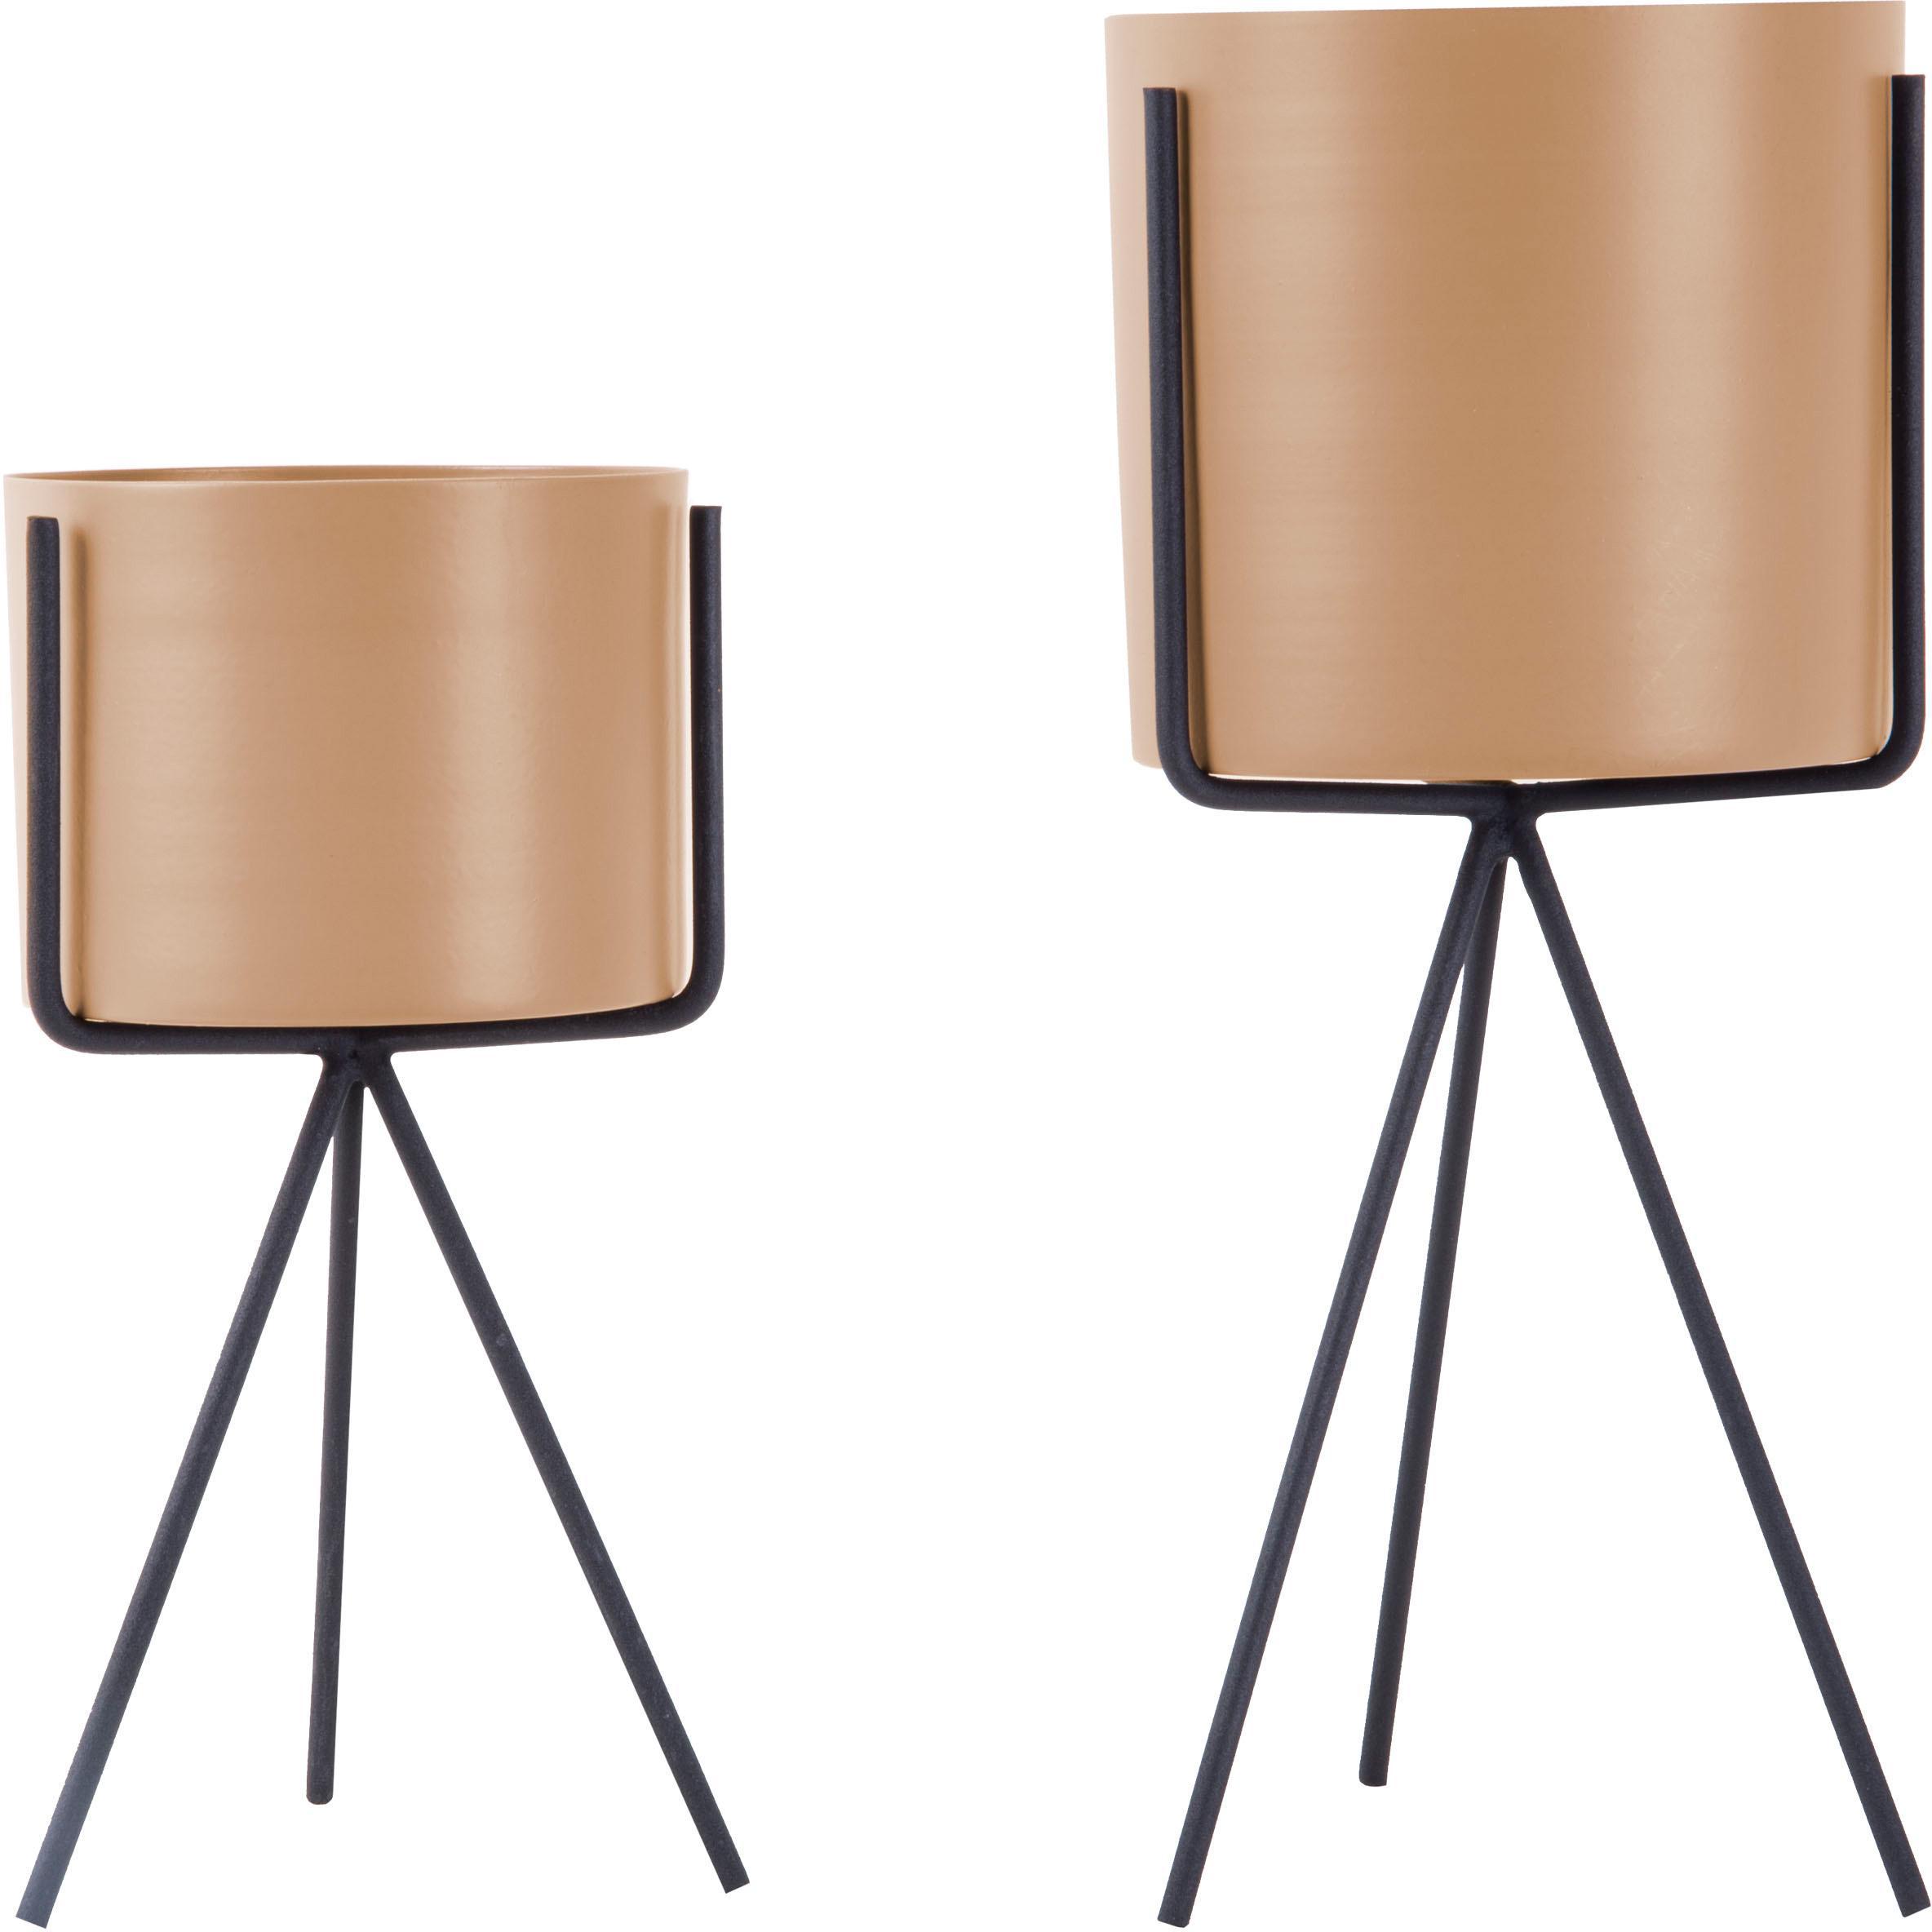 Komplet osłonek na doniczkę Pedestal, 2 elem., Metal powlekany, Odcienie piaskowego, czarny, Ø 13 x W 30 cm